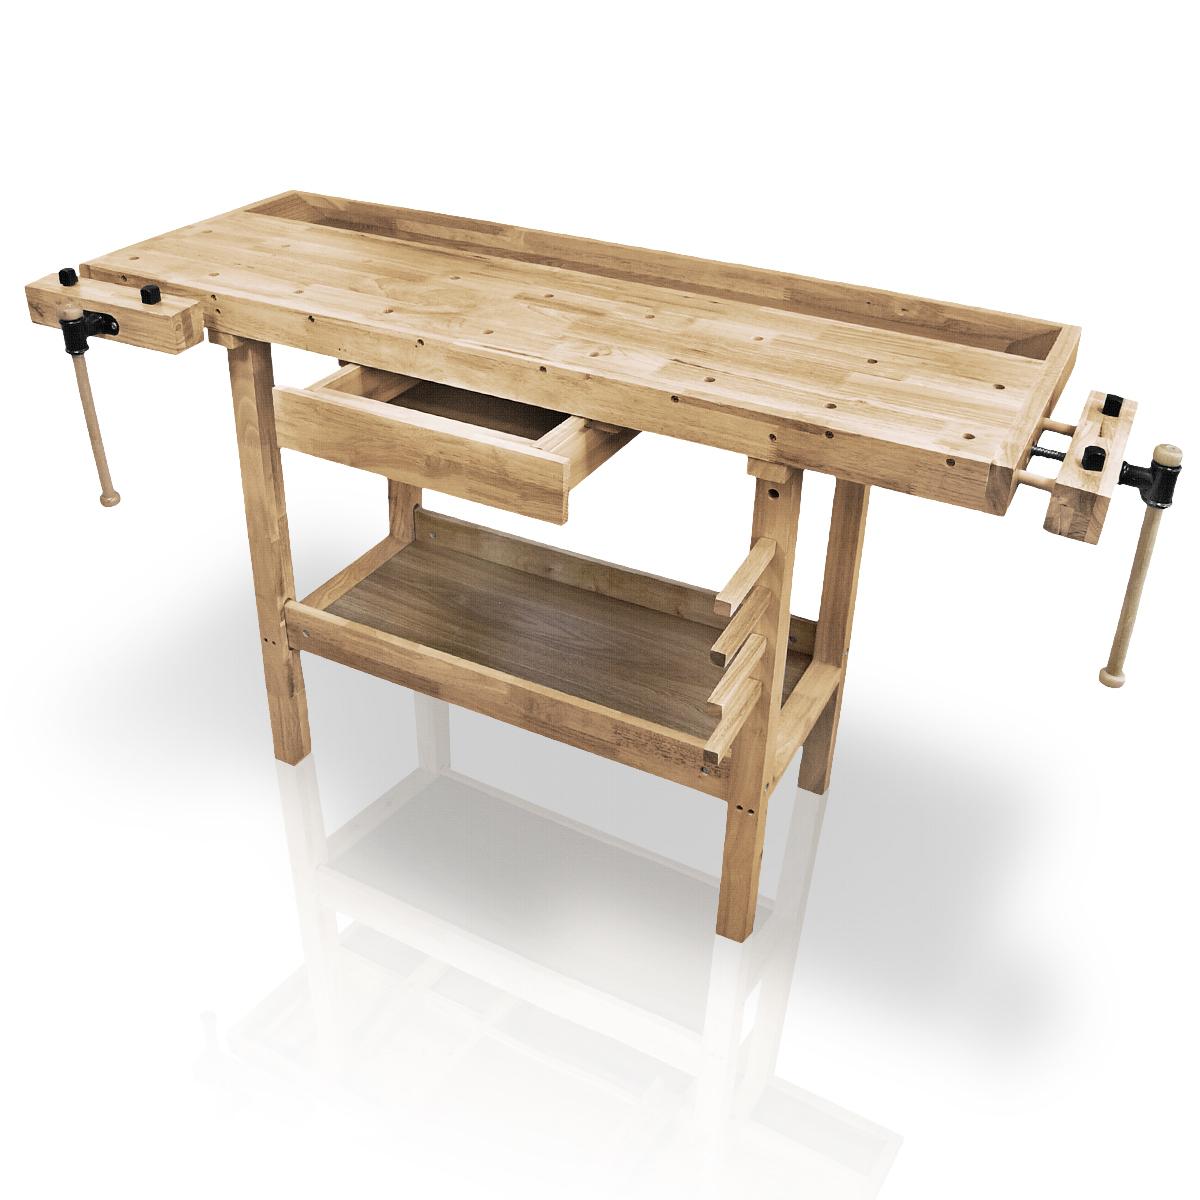 Hervorragend Holz Werkbank. Hobelbank | Werkbänke & Böcke | Werkstattausrüstung  TU39